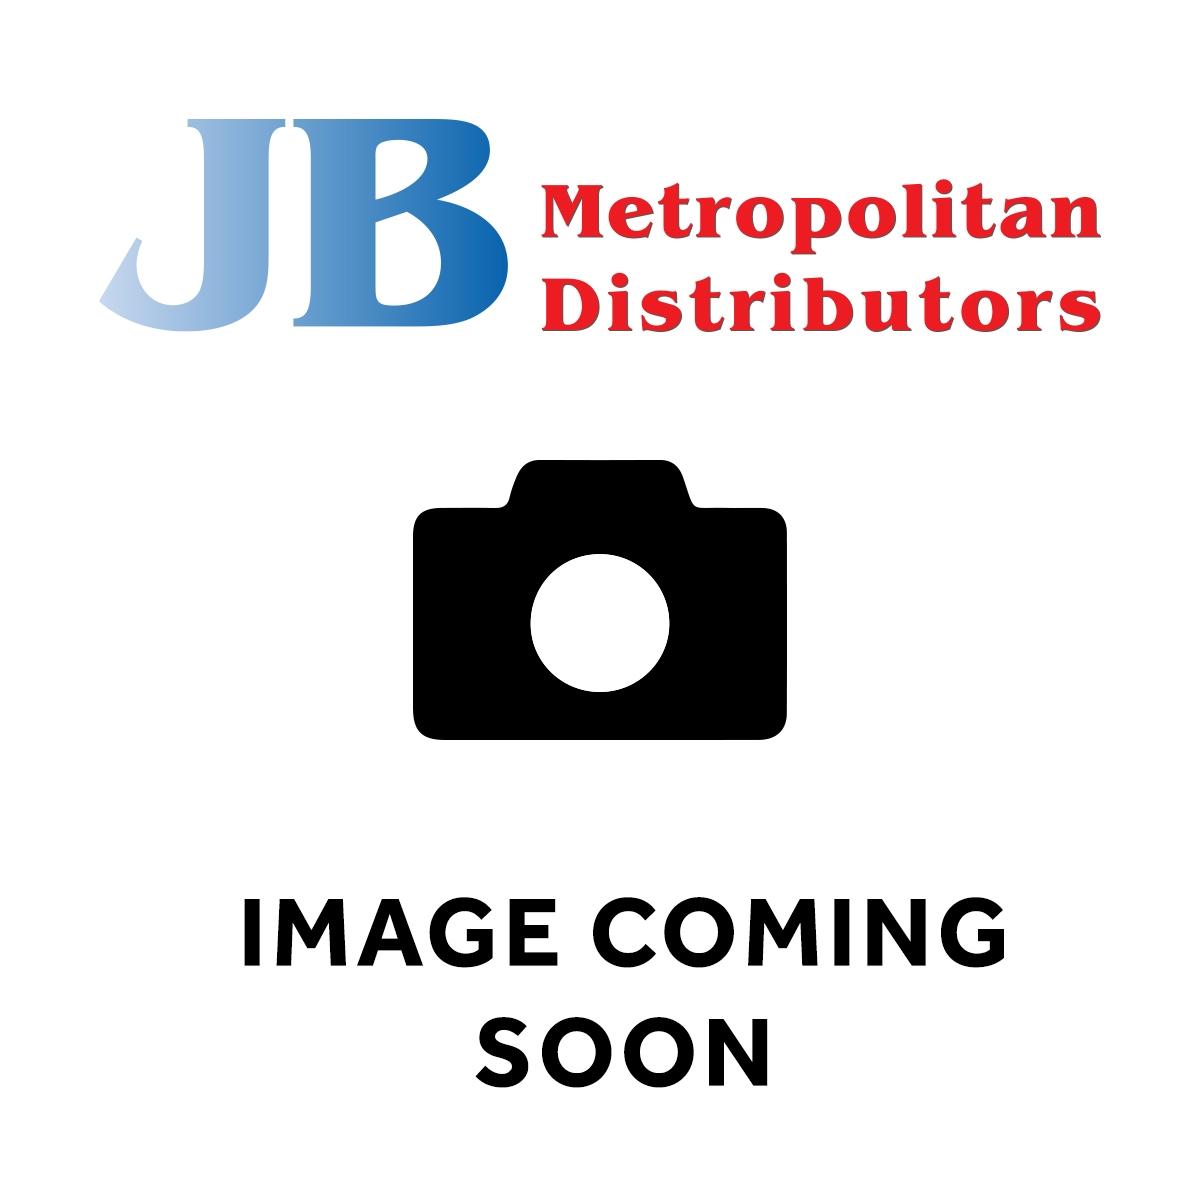 25G FISHERMANS FRIEND MINT SUGARFREE